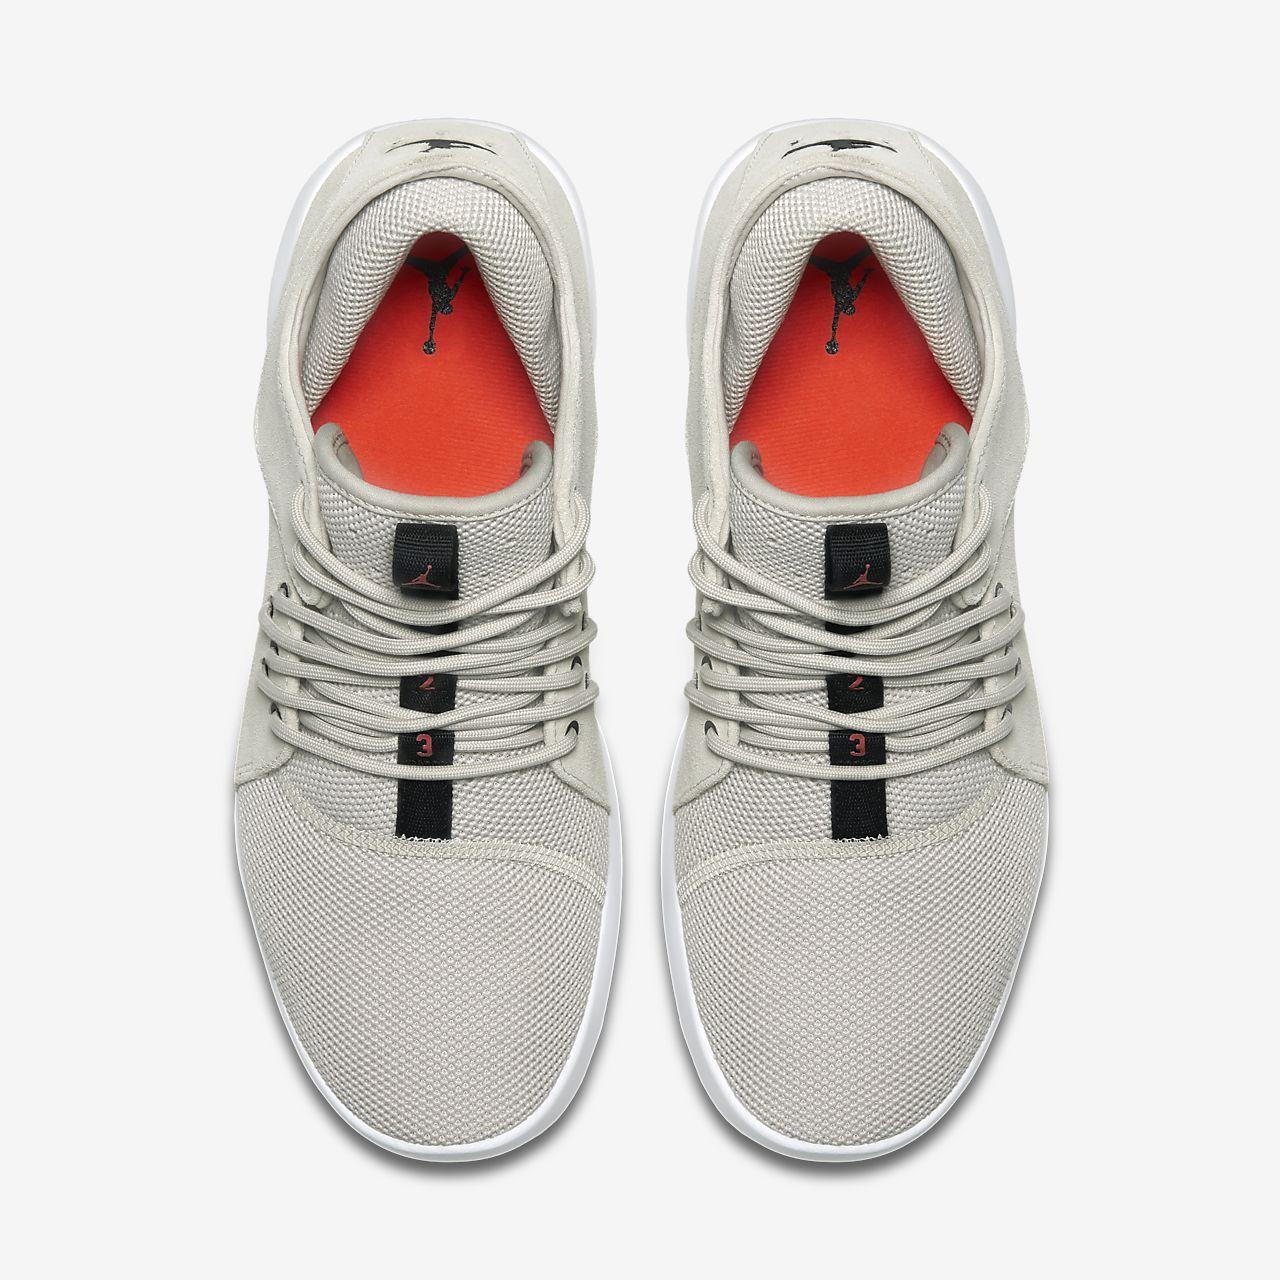 ... Air Jordan First Class Men's Shoe